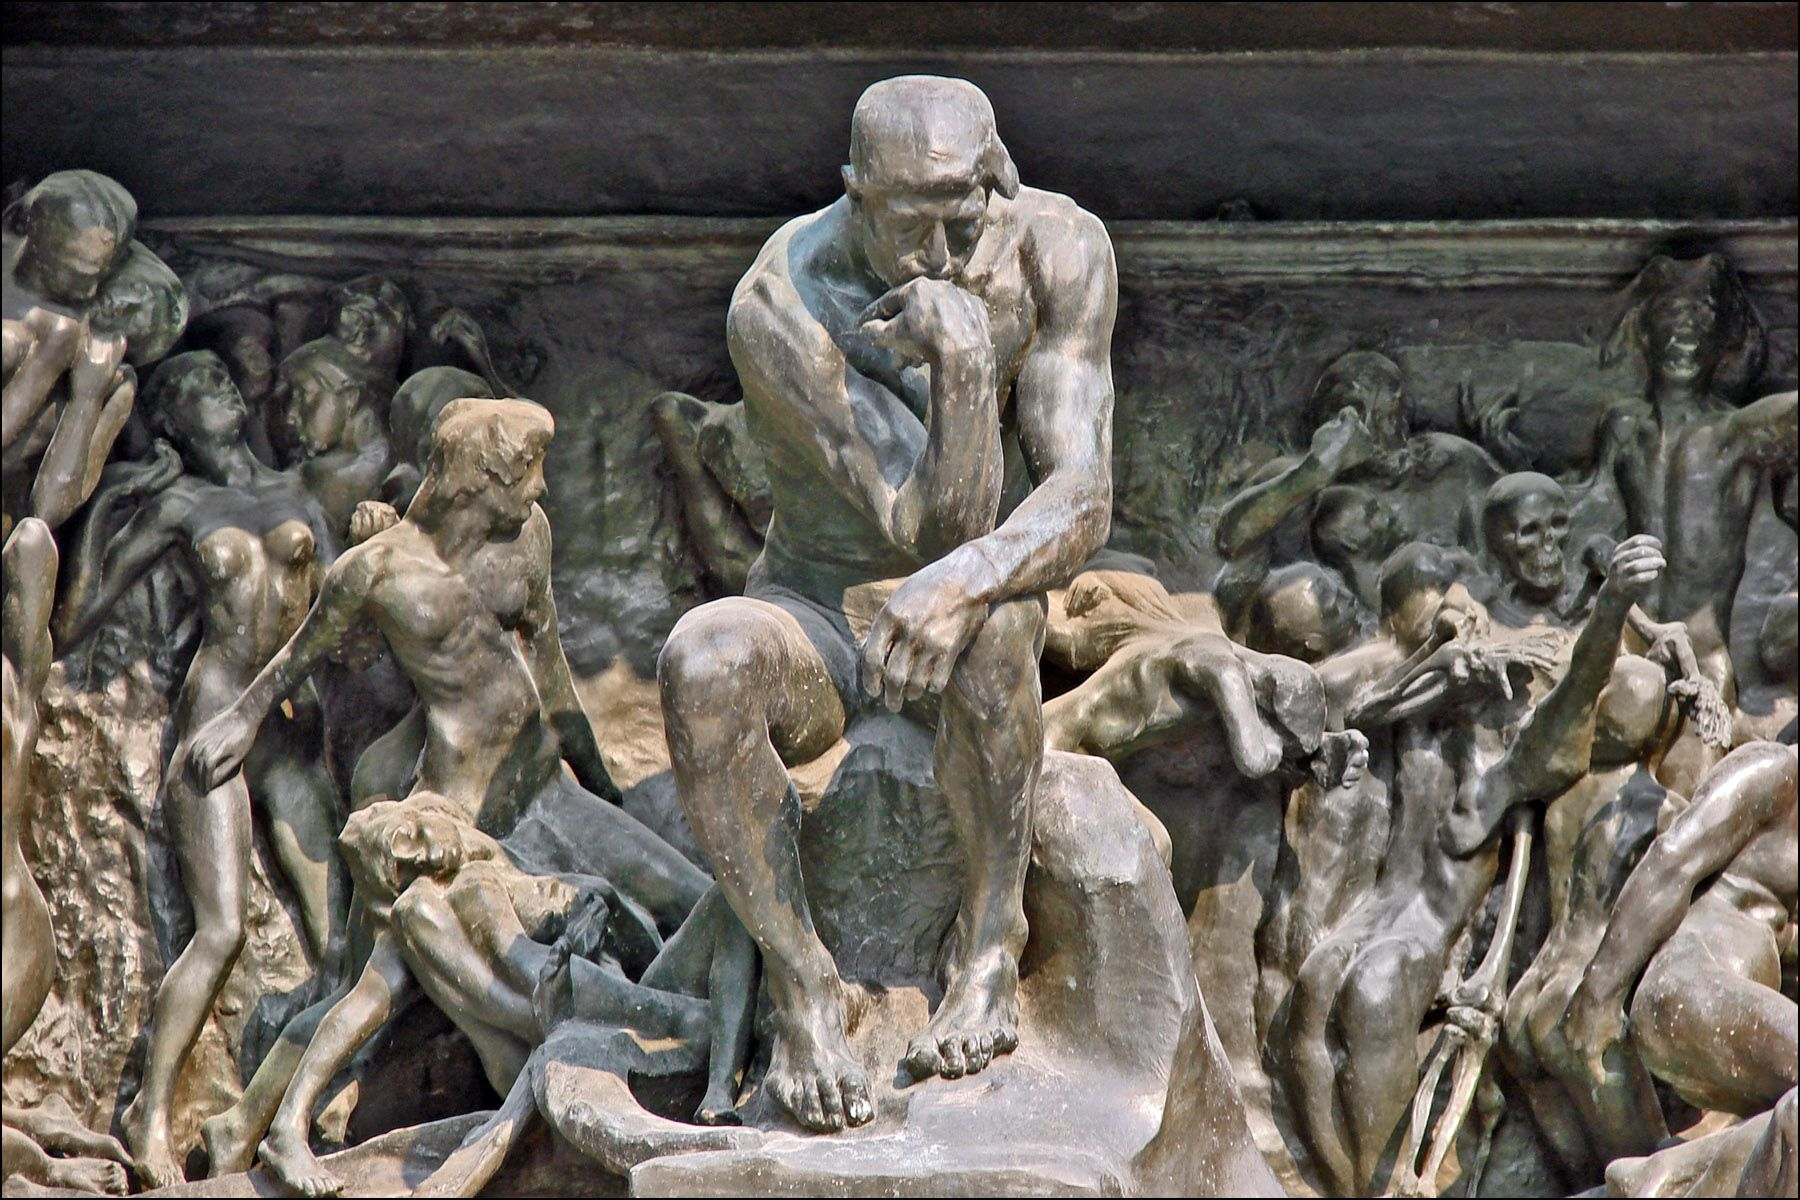 Un chef-d'œuvre de Rodin retrouvé par hasard dans une maison de retraite